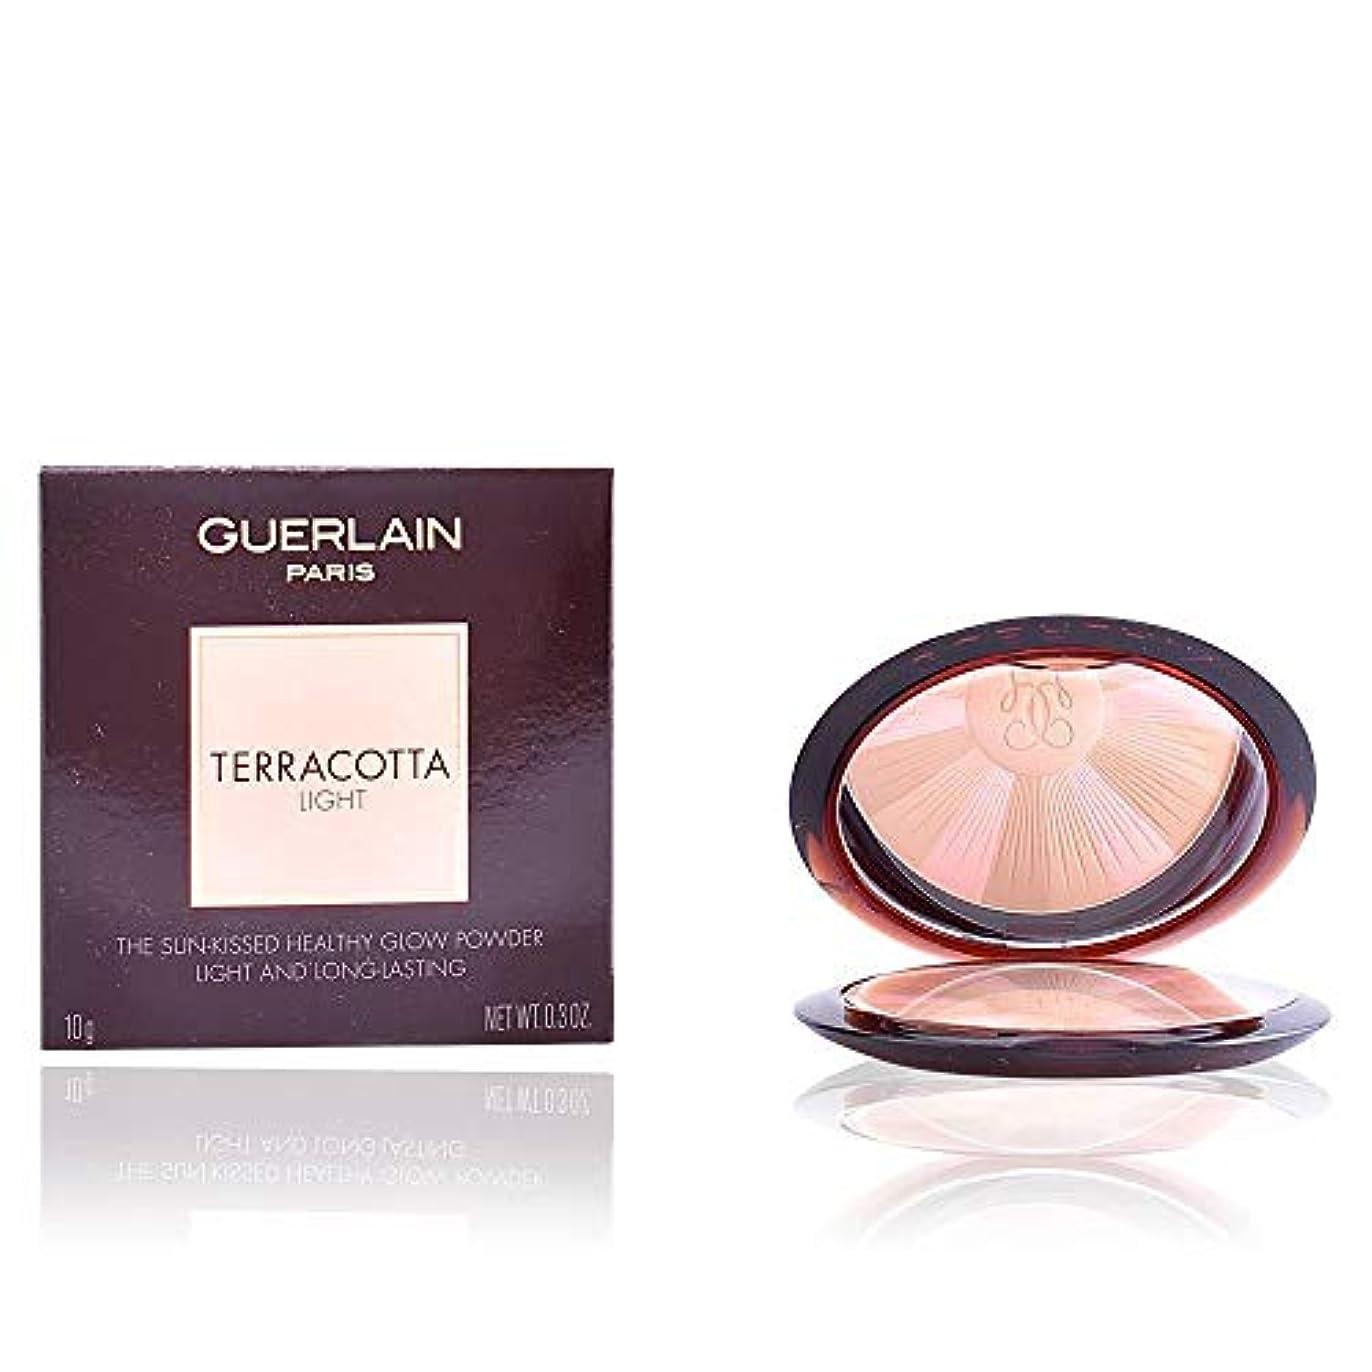 ベース出発急降下ゲラン Terracotta Light The Sun Kissed Healthy Glow Powder - # 02 Natural Cool 10g/0.3oz並行輸入品